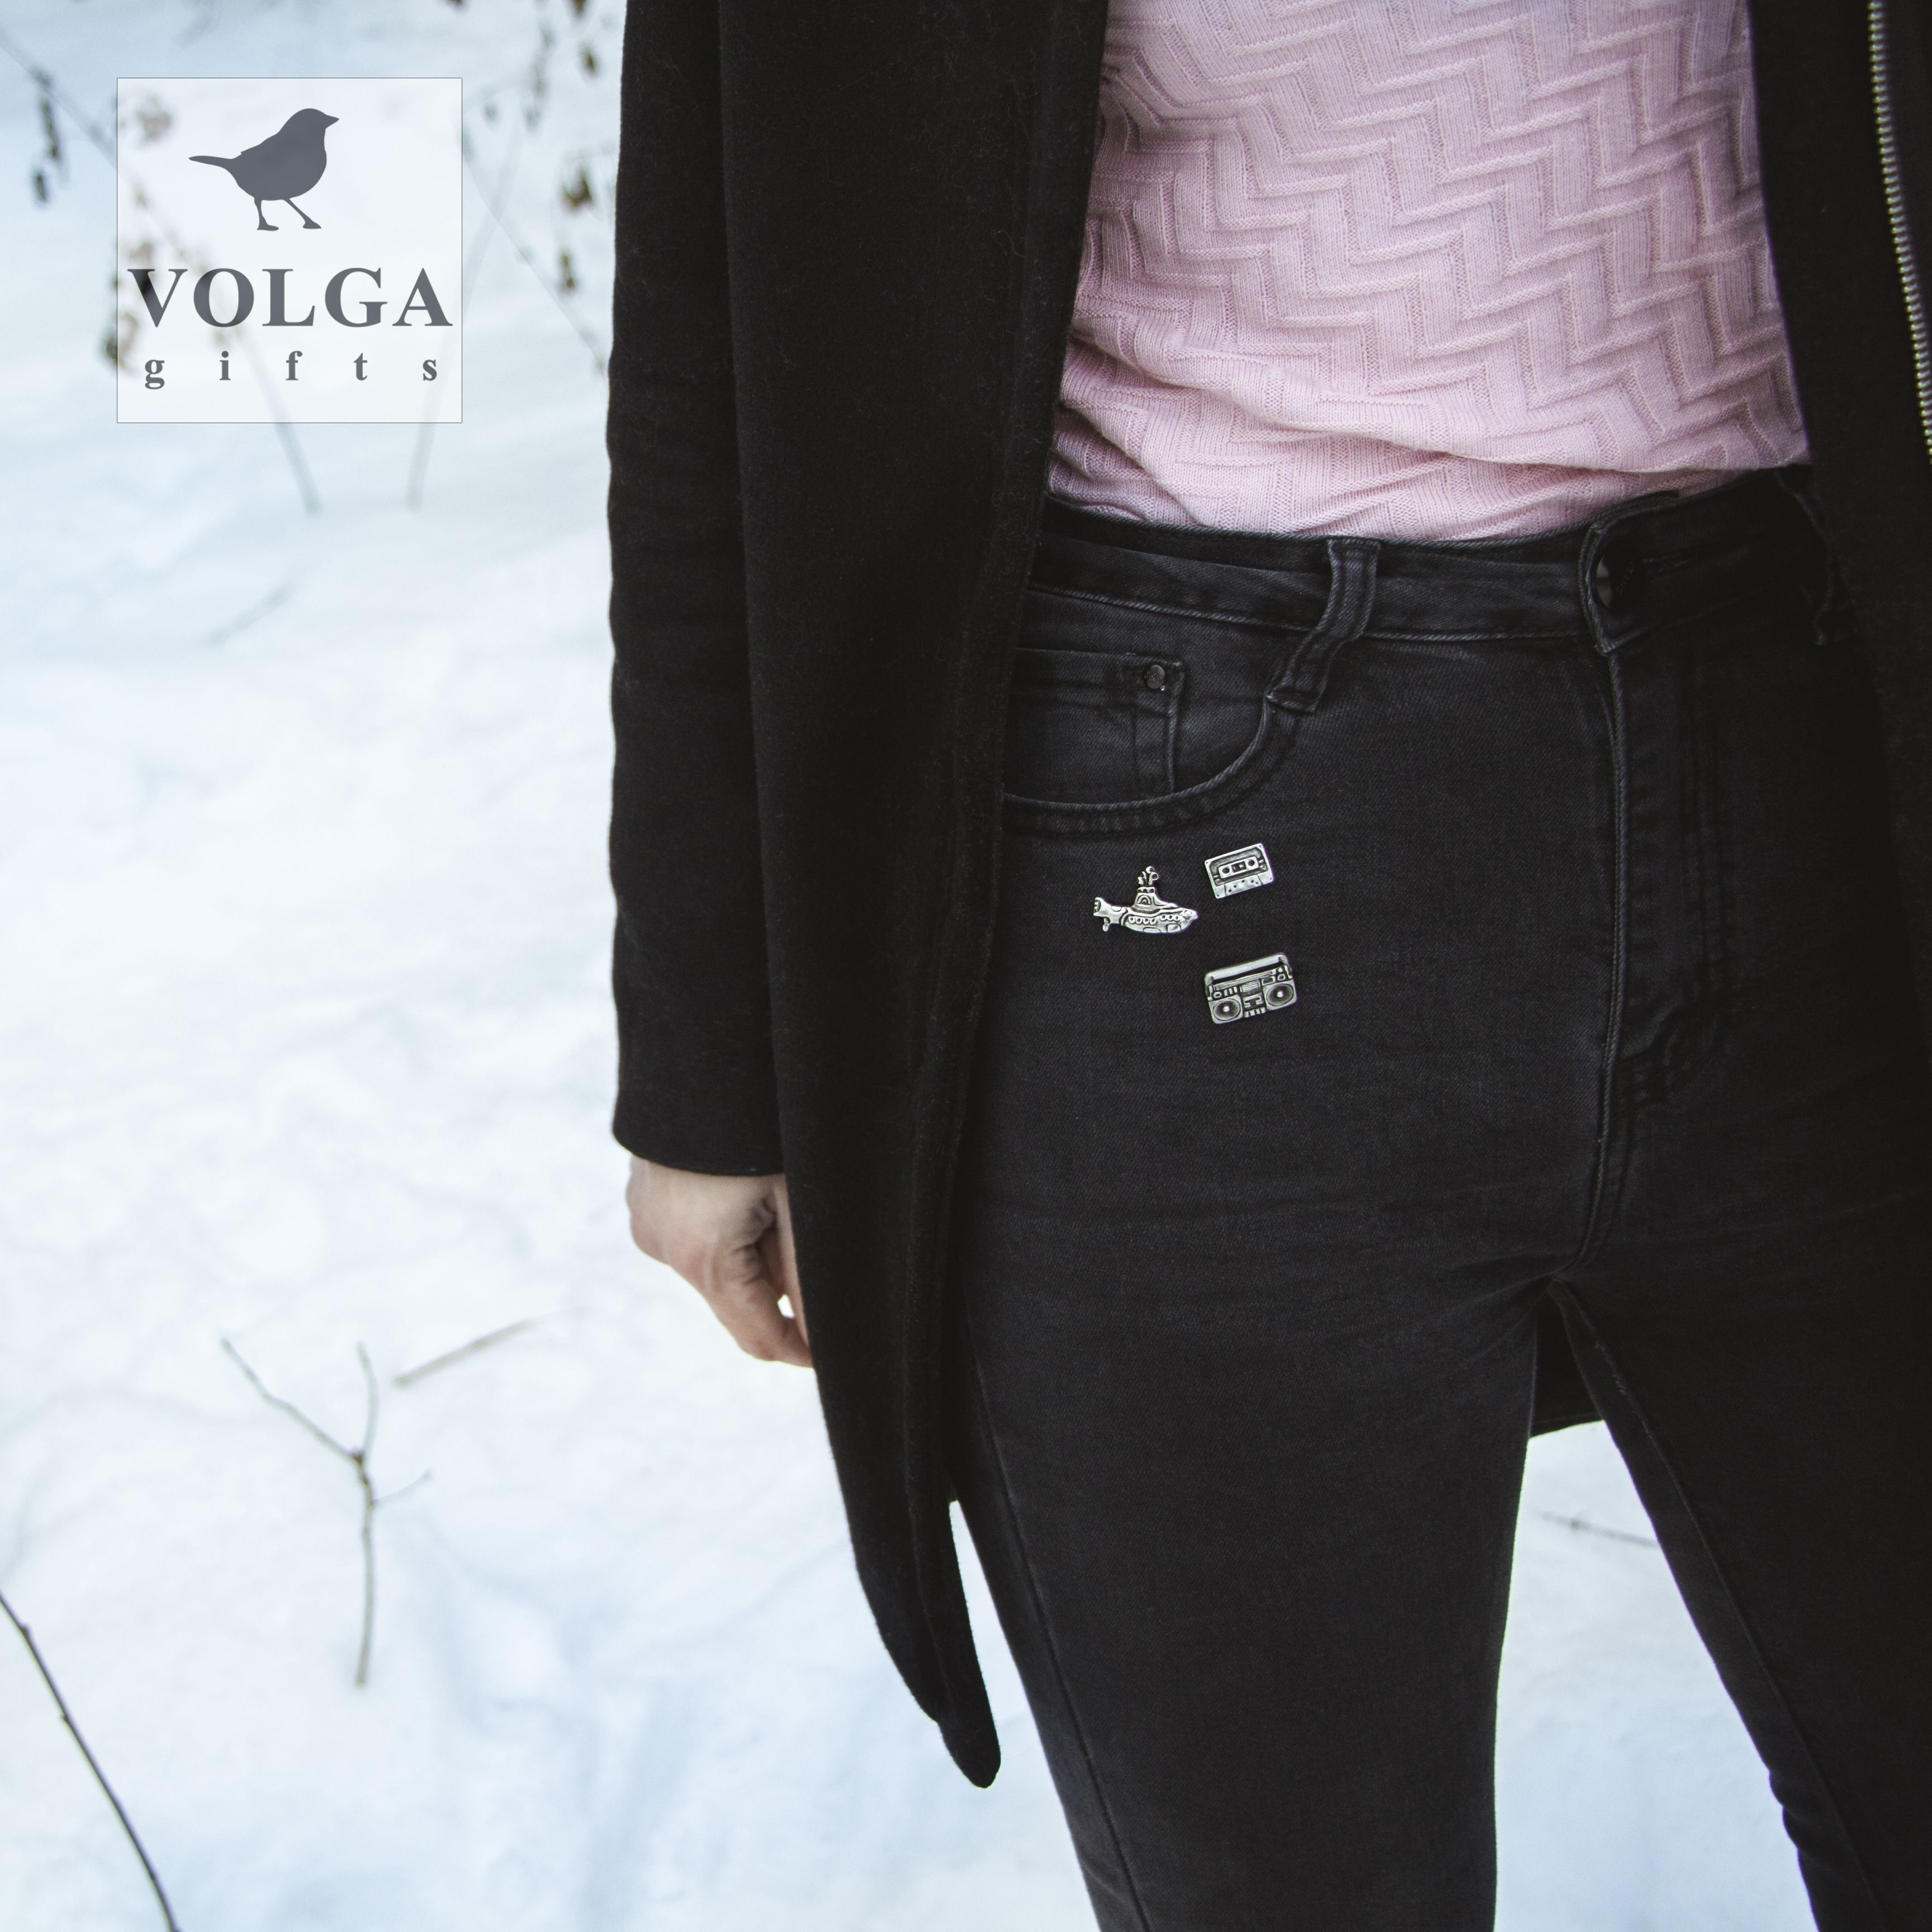 женщин заказ на стиль значок молодежный ретро бабочка замок аудио плеер магнитофон для аксессуары 90е меломан лацкан серебряный значки нательный мужчин старый музыка попарт бижутерия